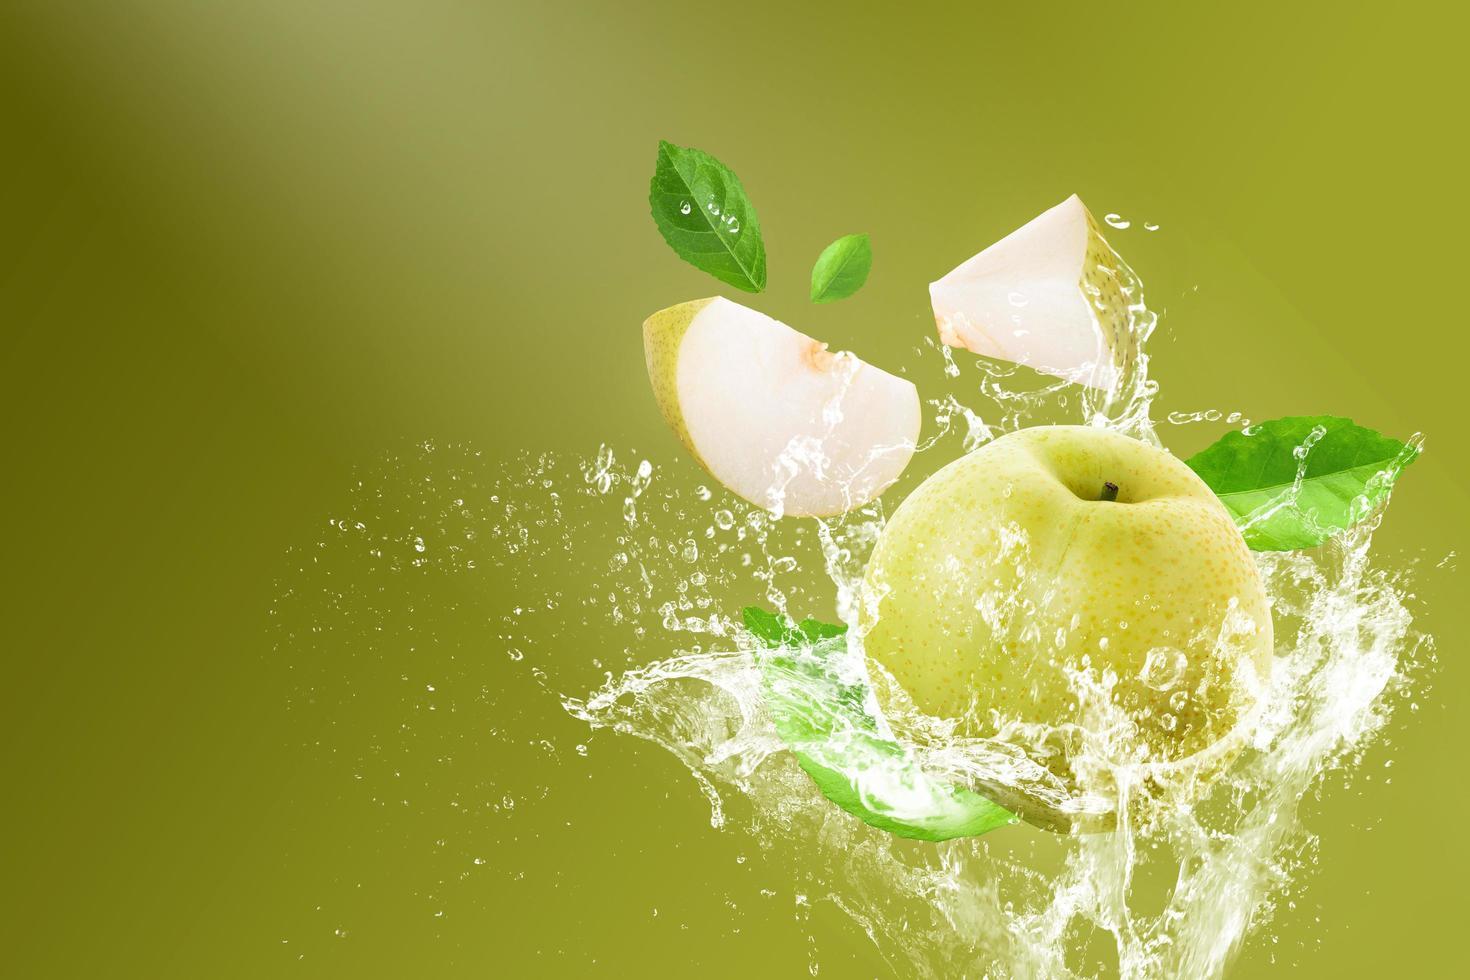 Water splashing on fresh Chinese pear  photo